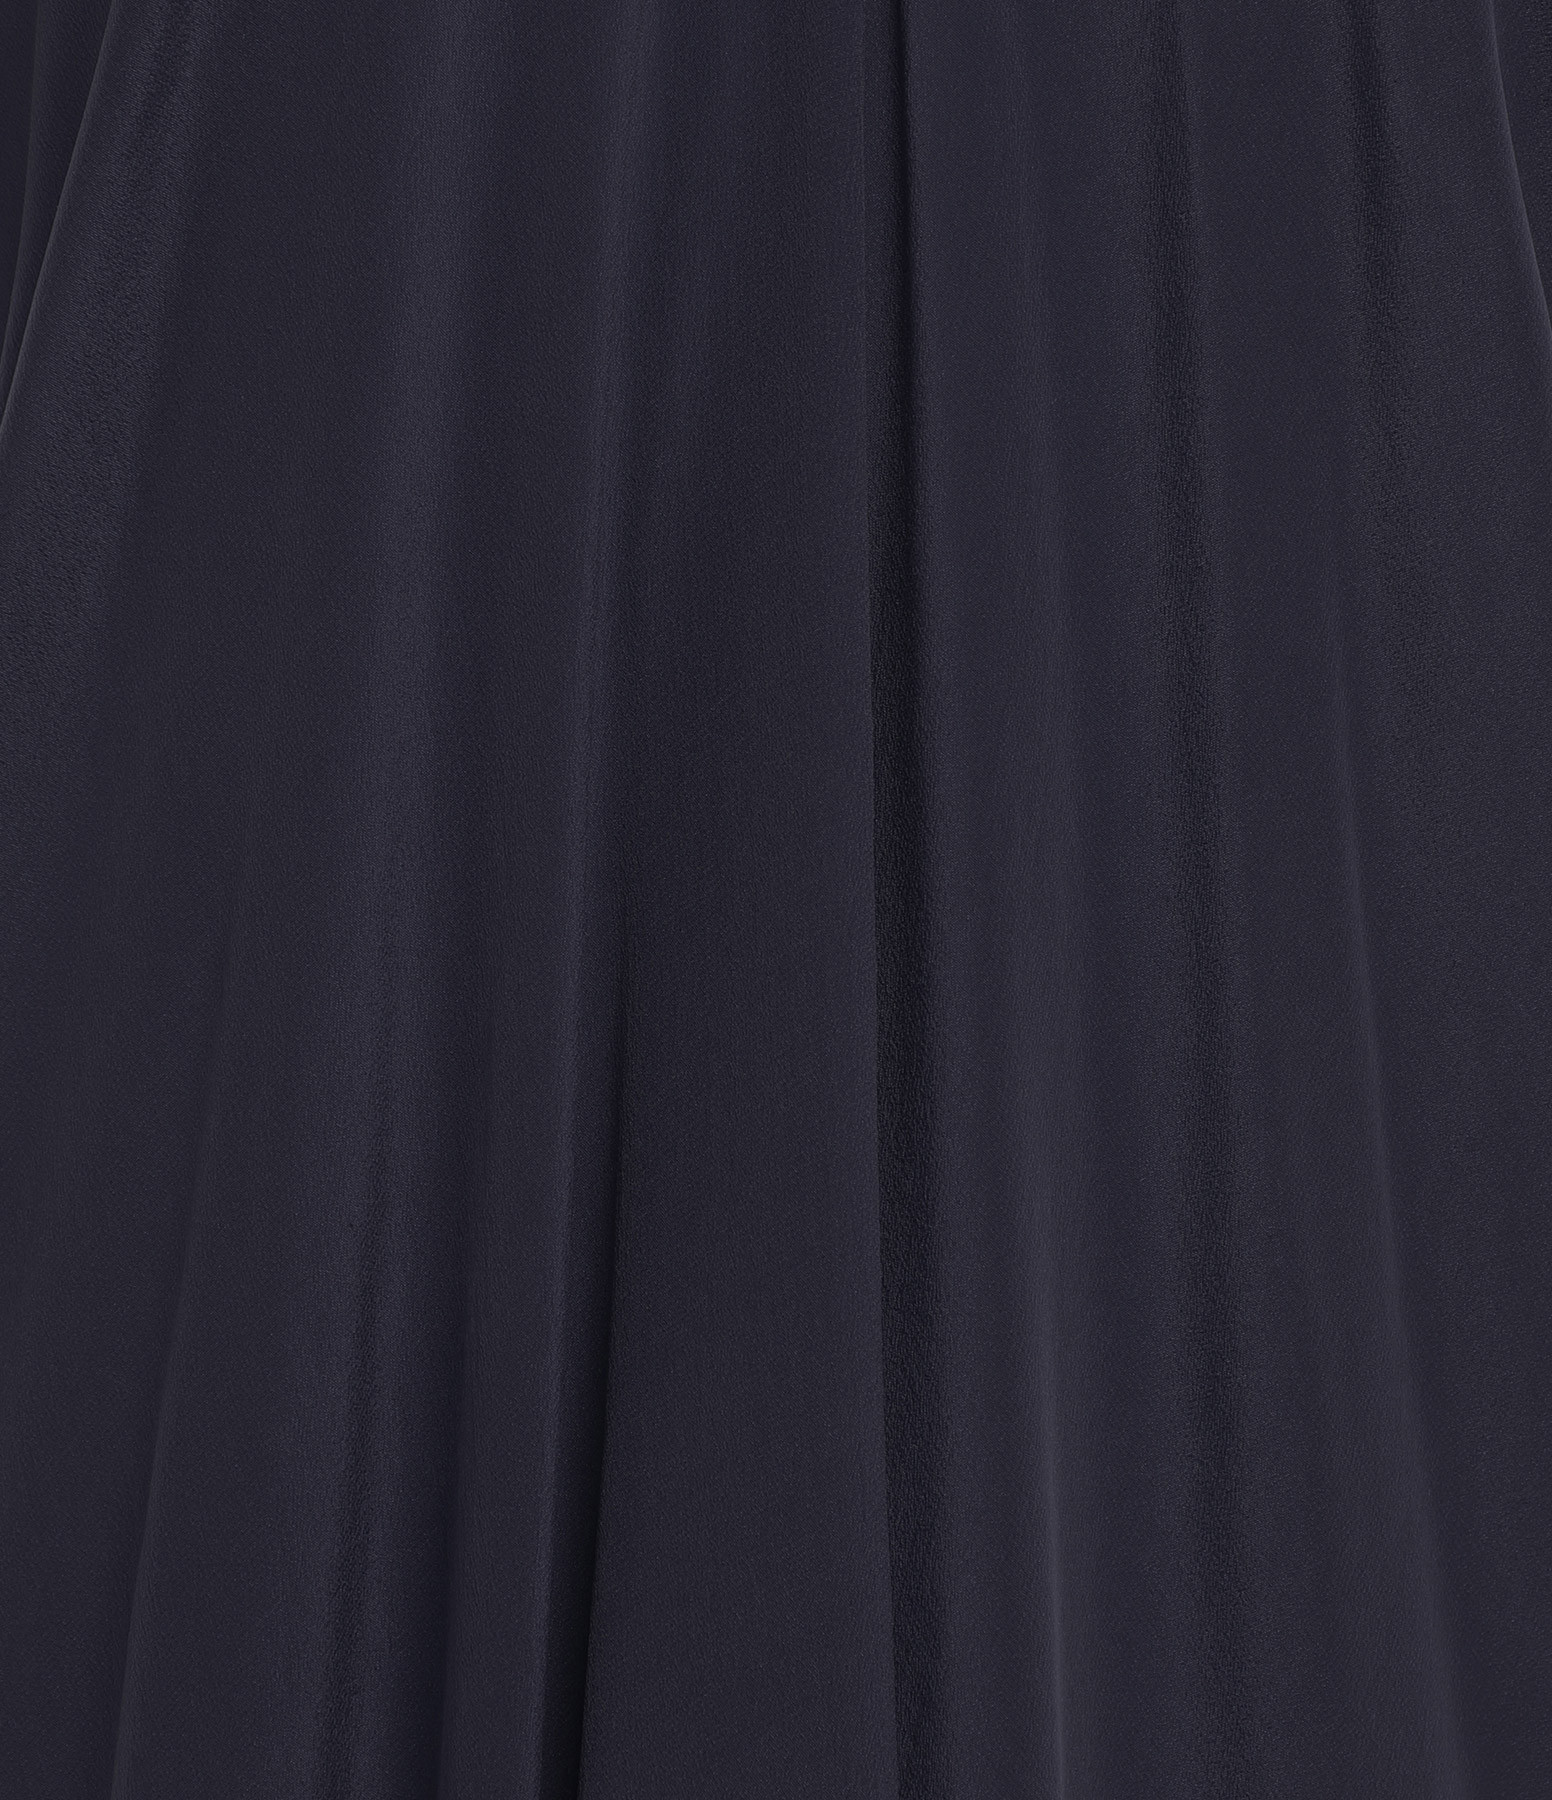 MARE DI LATTE - Robe Tabata Crêpe Soie Bleu Encre